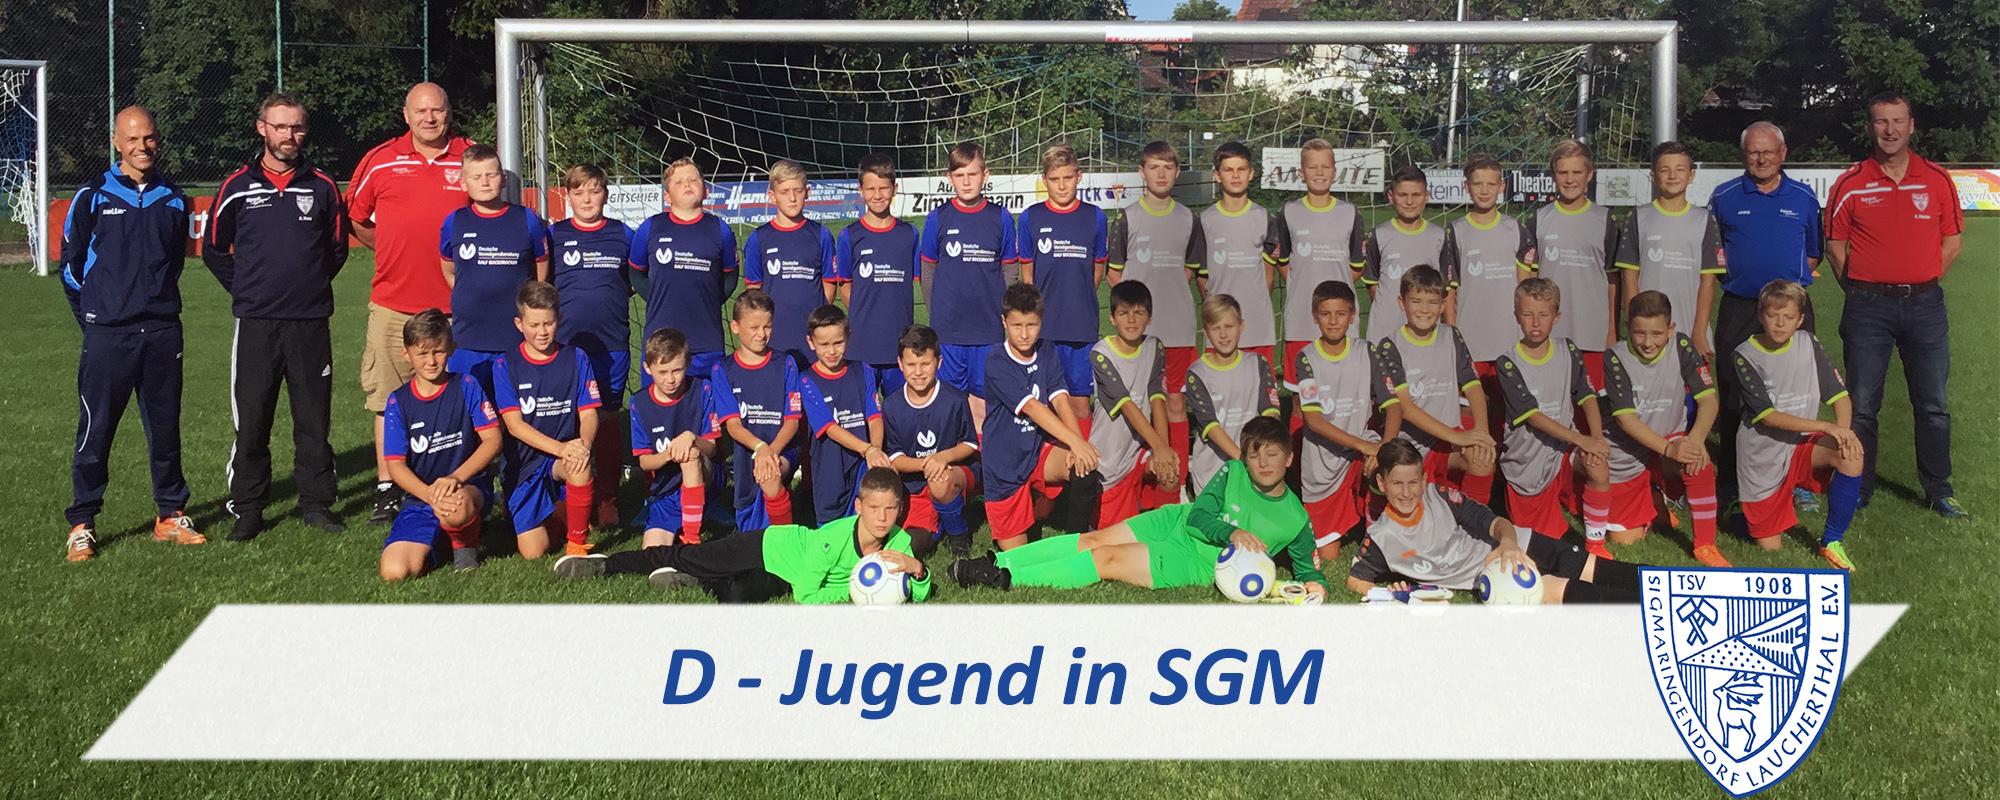 D - Jugend